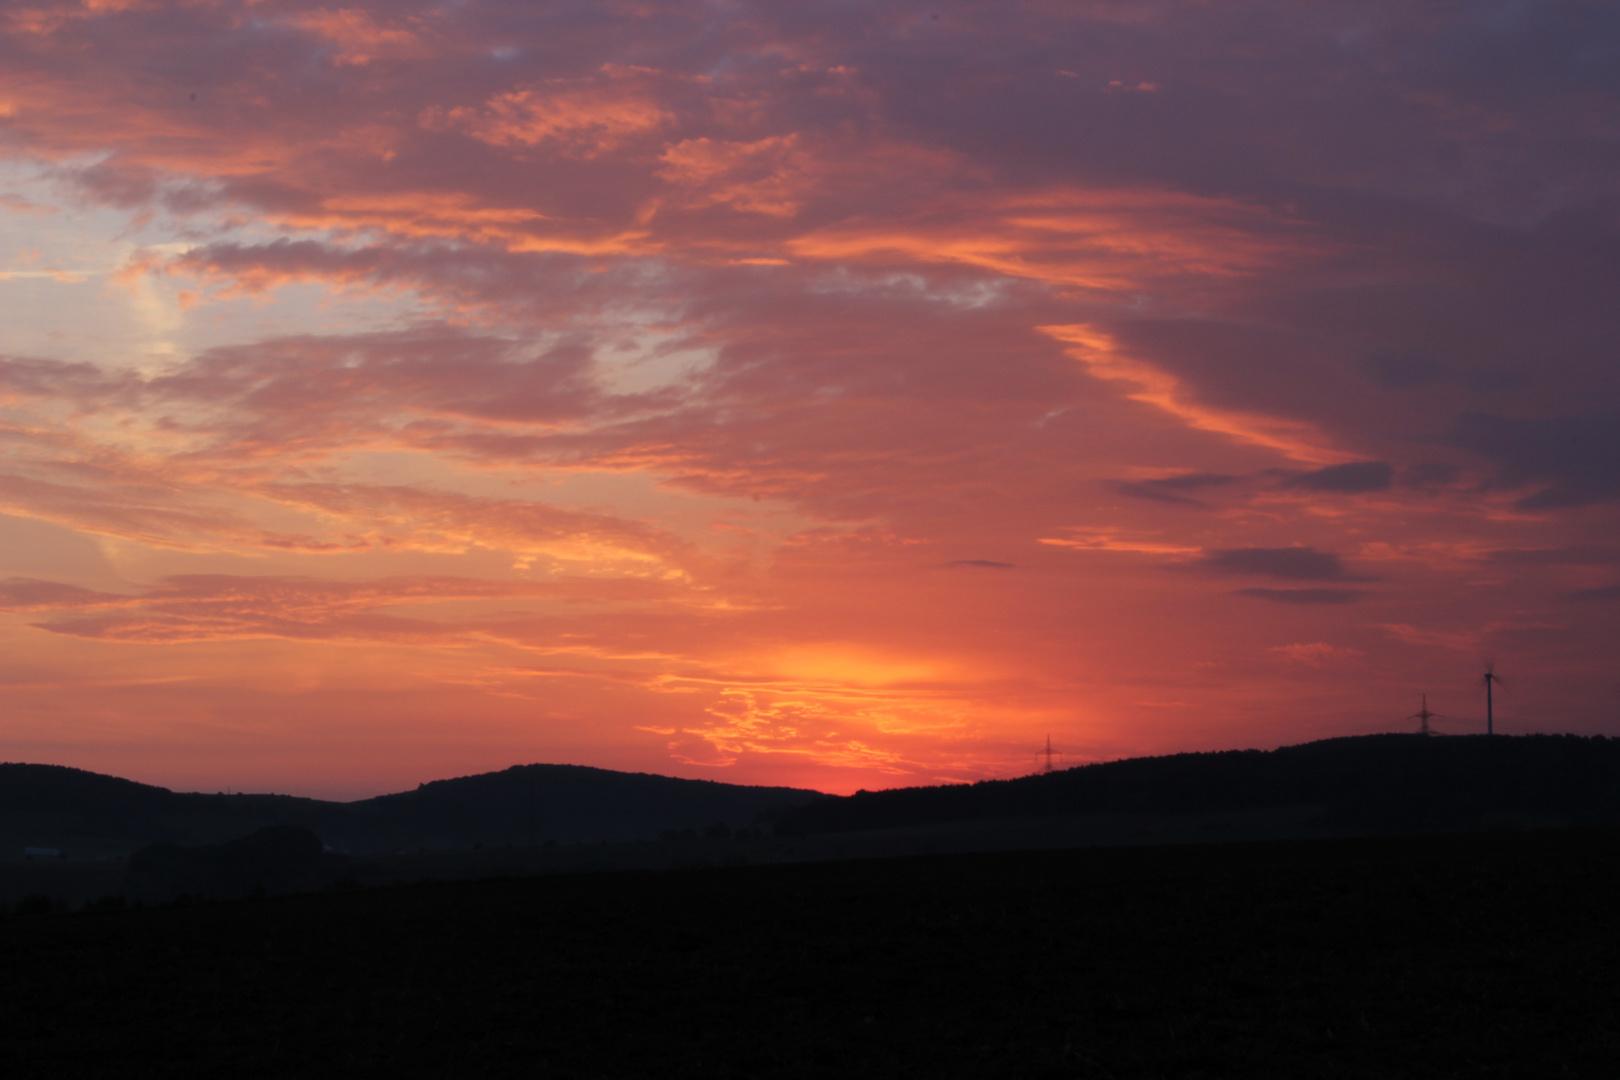 Sonnenaufgang zum Herbstanfang